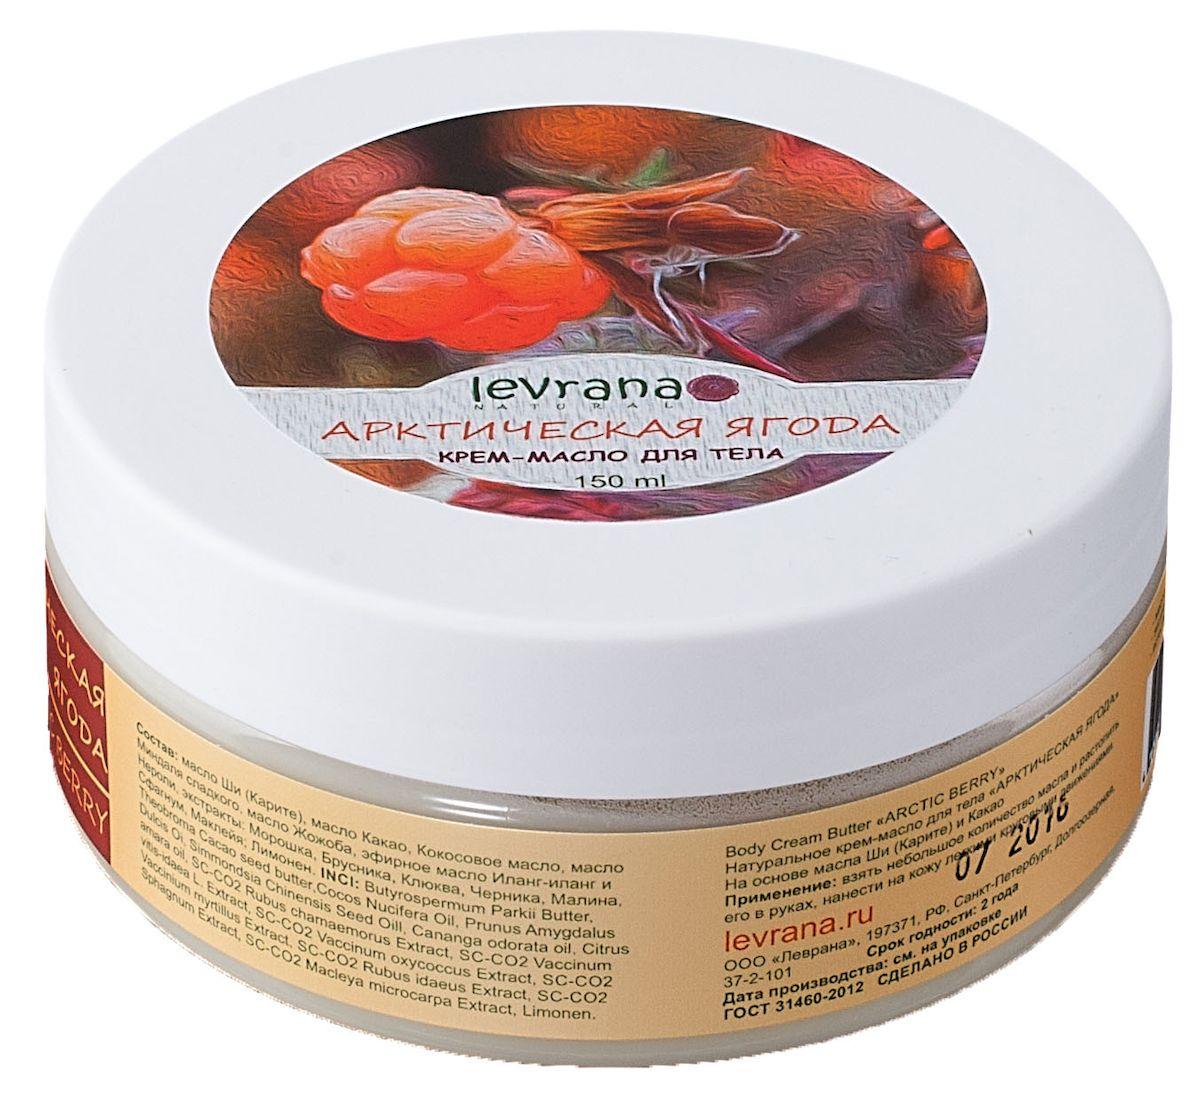 Levrana Крем-масло Арктическая Ягода, 150 млBCB04Используйте крем-масло для всего тела сразу после банных процедур, оно приятно смягчает и увлажняет кожу, а также насыщает ее витаминами.